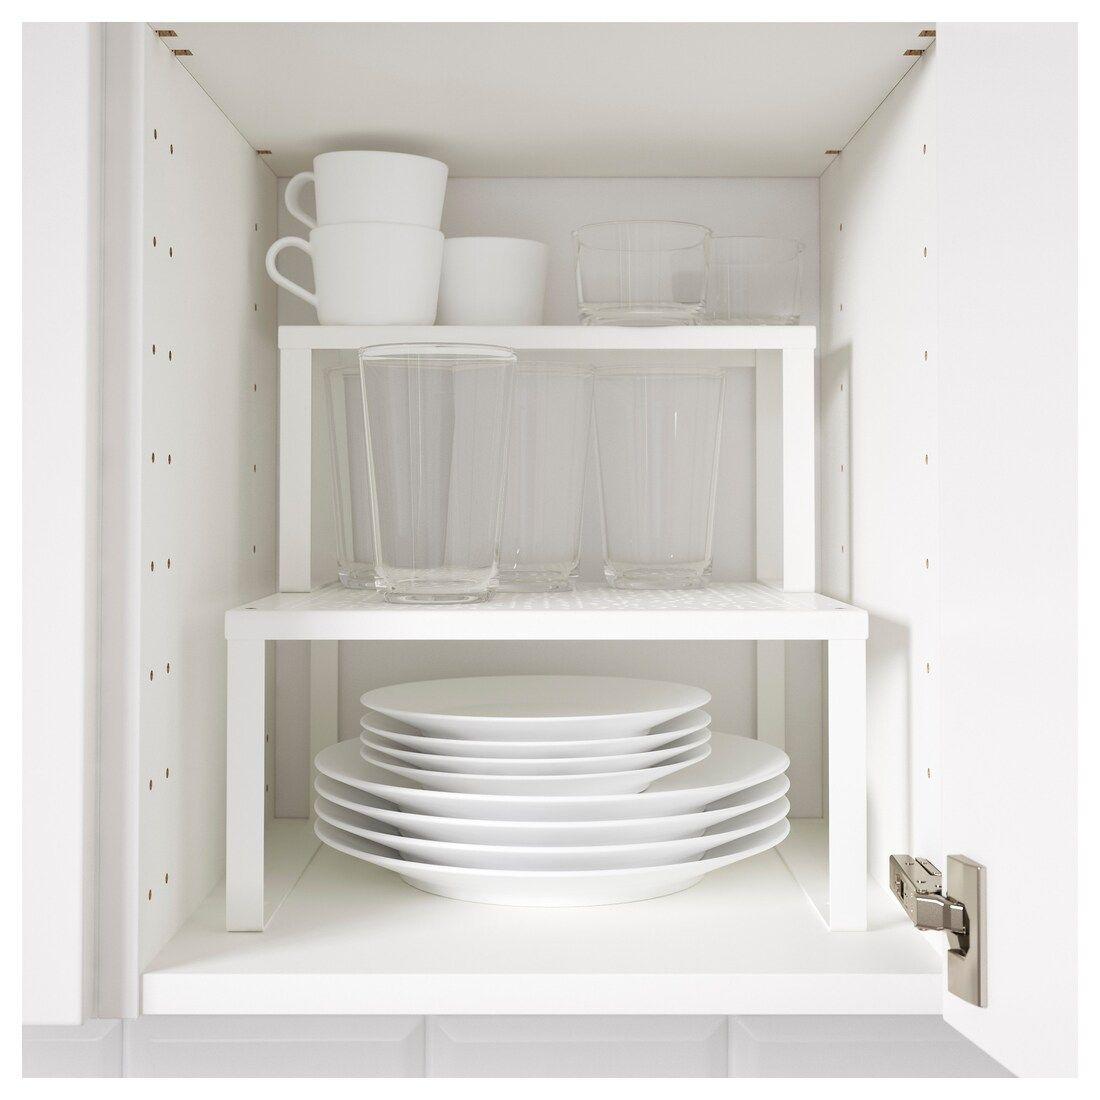 Divisori interni per cassetti aiutano a tenere in ordine trucchi e prodotti per l'igiene personale. Variera Shelf Insert White Width 12 5 8 Order Here Ikea Shelves Kitchen Cabinet Organization Ikea